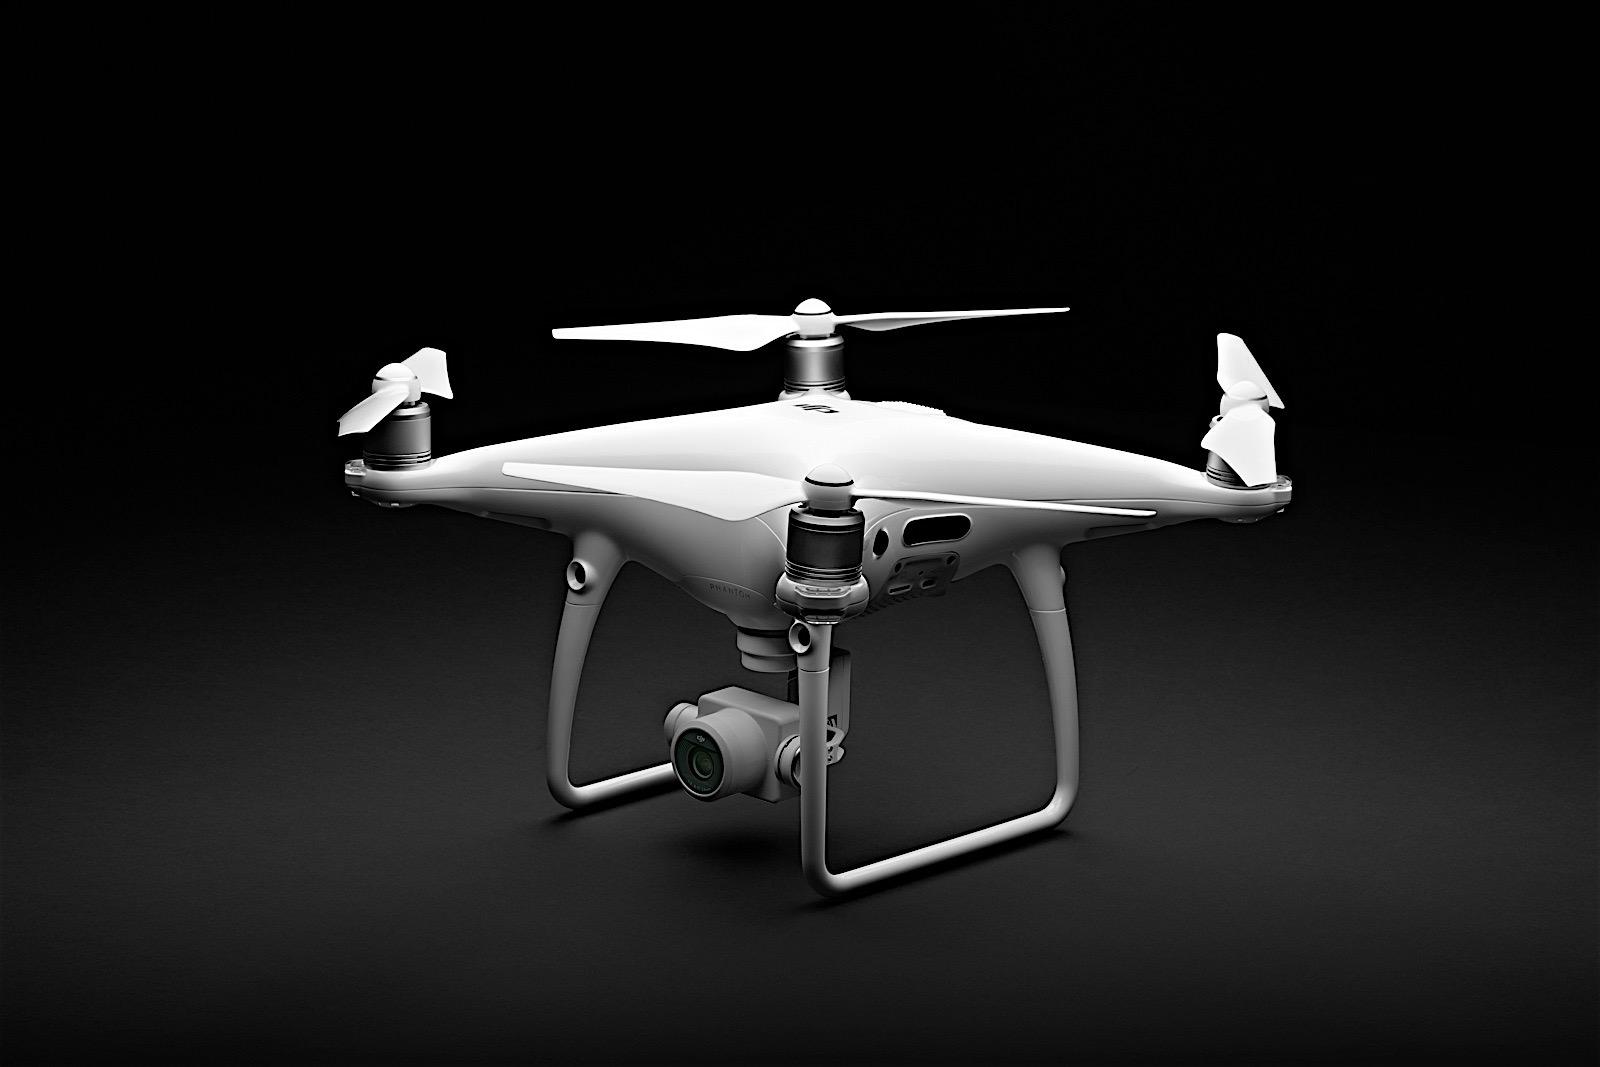 Светофильтр нд32 к дрону фантом купить dji алиэкспресс в новороссийск